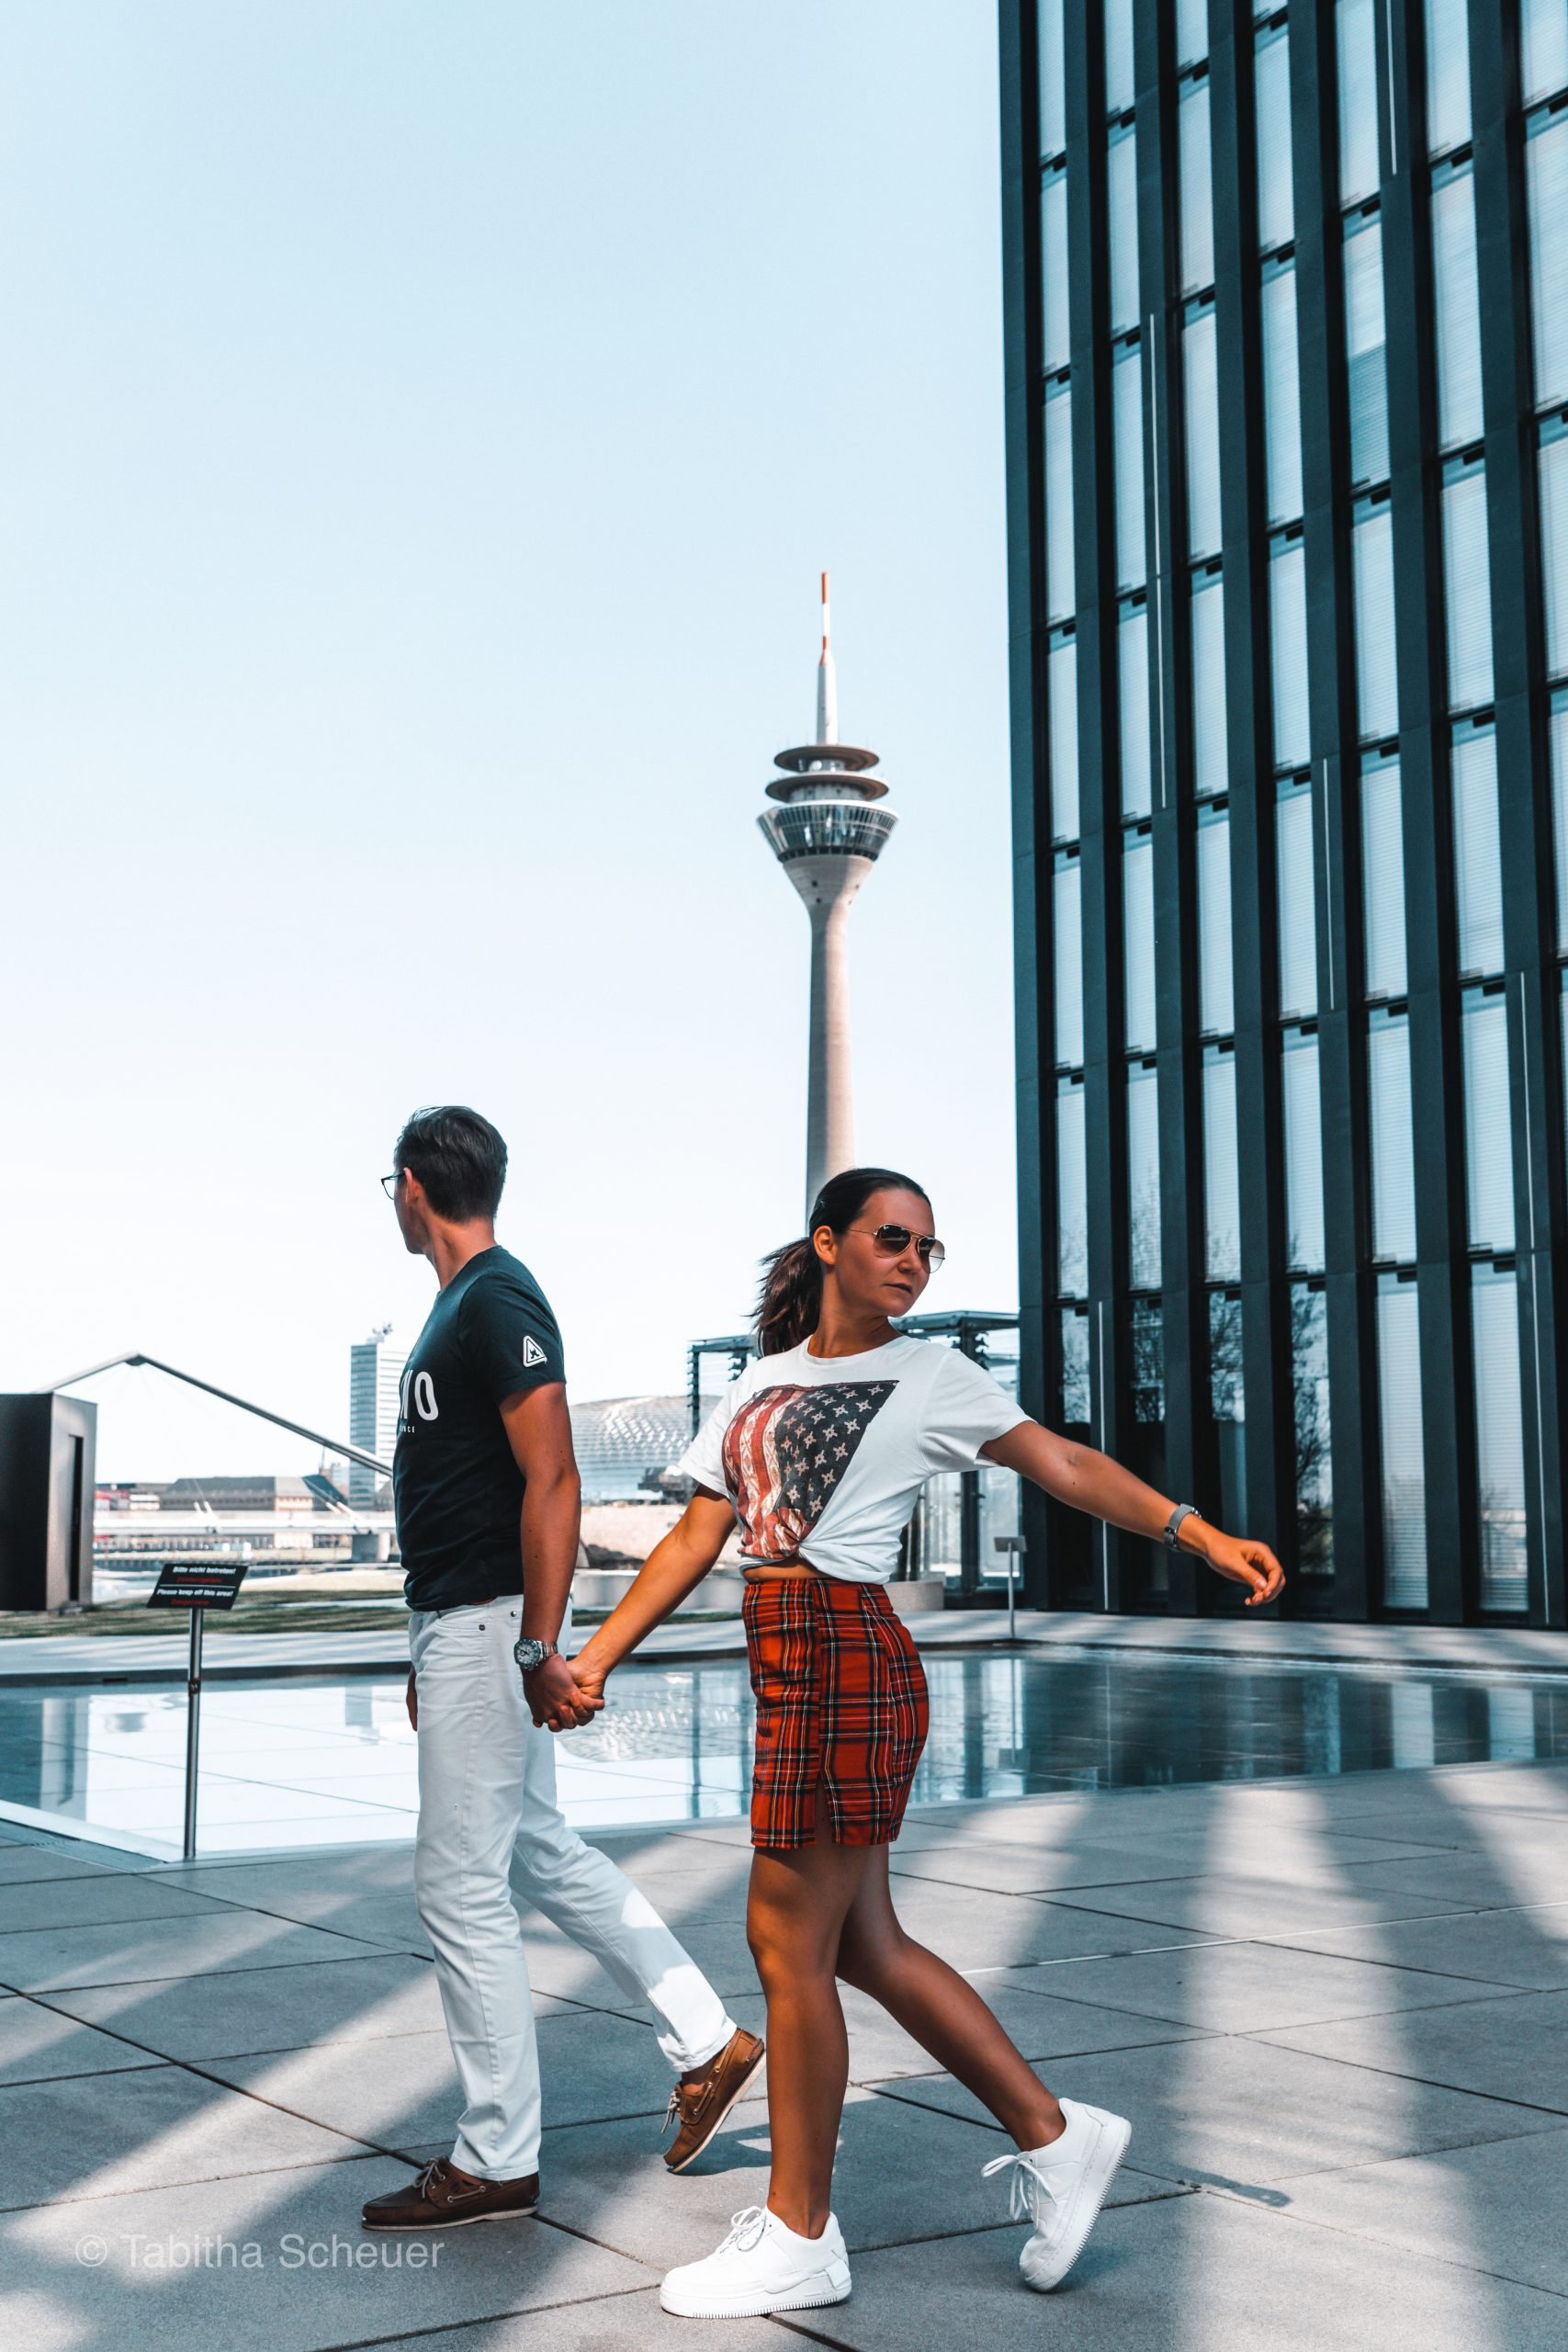 Travel Couple in Düsseldorf |Deutschlandreisen |Deutschland |Reisen in Deutschland |Düsseldorf Medienhafen